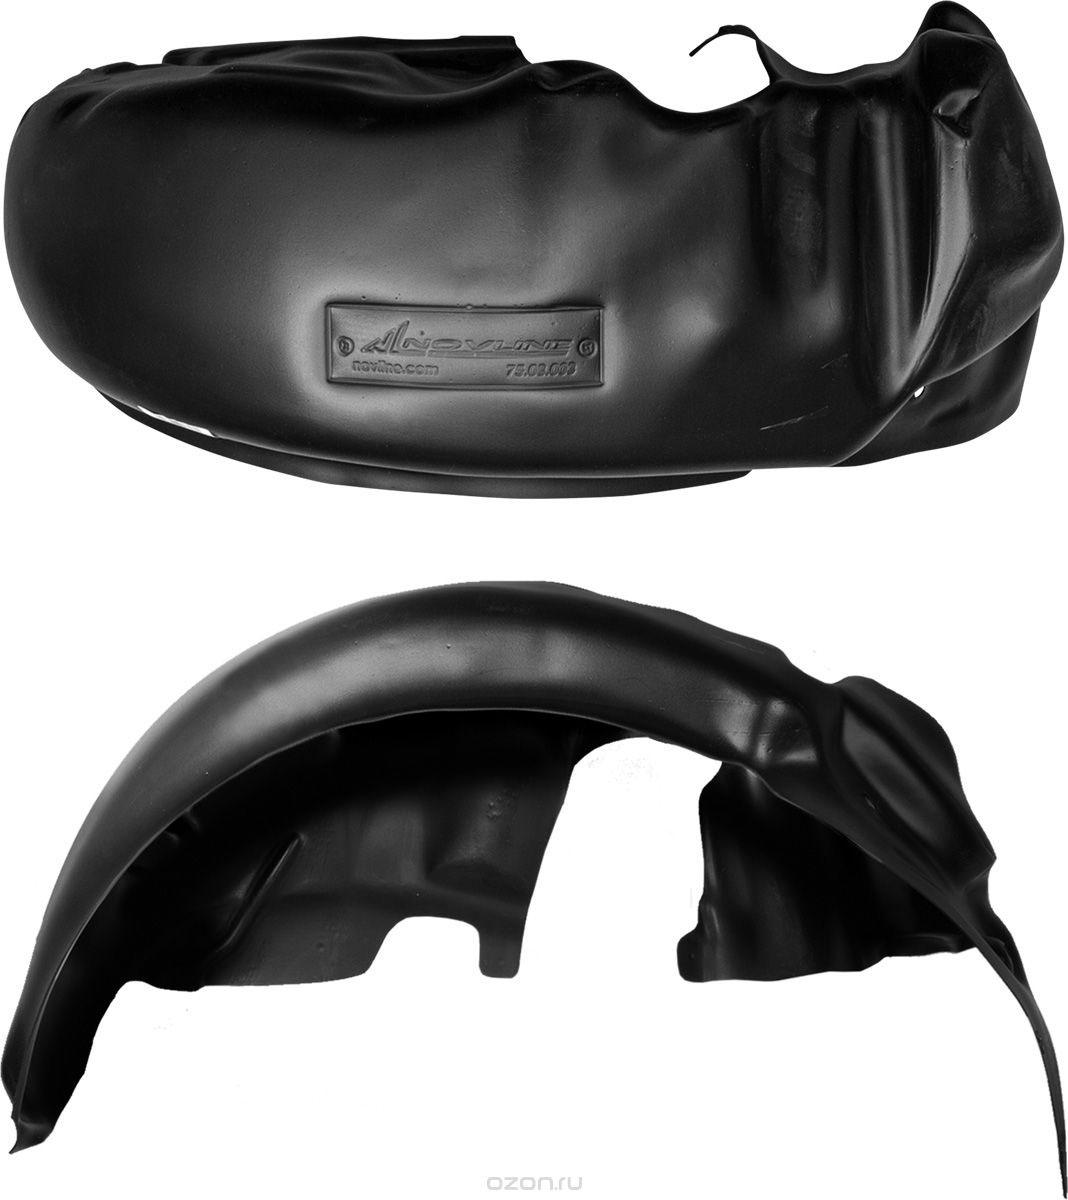 Подкрылок Novline-Autofamily, для НИВА 4*4 2009->, задний правый42805001Идеальная защита колесной ниши. Локеры разработаны с применением цифровых технологий, гарантируют максимальную повторяемость поверхности арки. Изделия устанавливаются без нарушения лакокрасочного покрытия автомобиля, каждый подкрылок комплектуется крепежом. Уважаемые клиенты, обращаем ваше внимание, что фотографии на подкрылки универсальные и не отражают реальную форму изделия. При этом само изделие идет точно под размер указанного автомобиля.